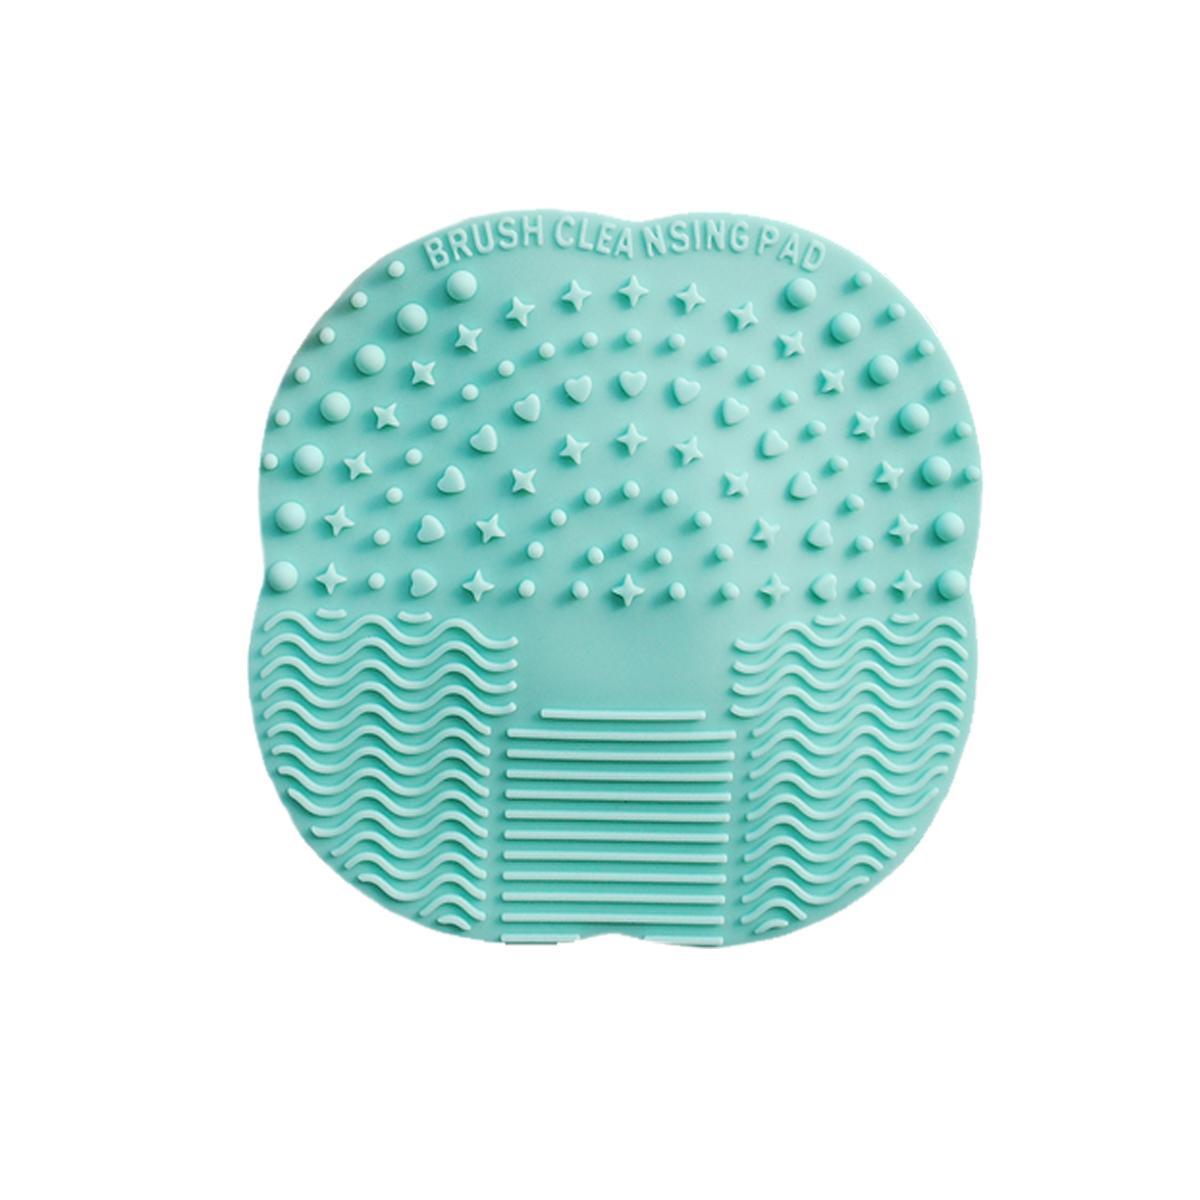 Lakoff Коврик для мытья косметических кистей1301210Новое поколение аксессуаров для очищения кистей. Силиконовый коврик для очистки кистей. Специально разработанные рельефные поверхности эффективно удаляют макияж с кистей и снижают расход моющих средств.Поверхность с мелким узором предназначена для очищения маленьких кистей: для губ, для теней. Волнистая поверхность для очищения больших кистей: для пудры, для основы, для румян